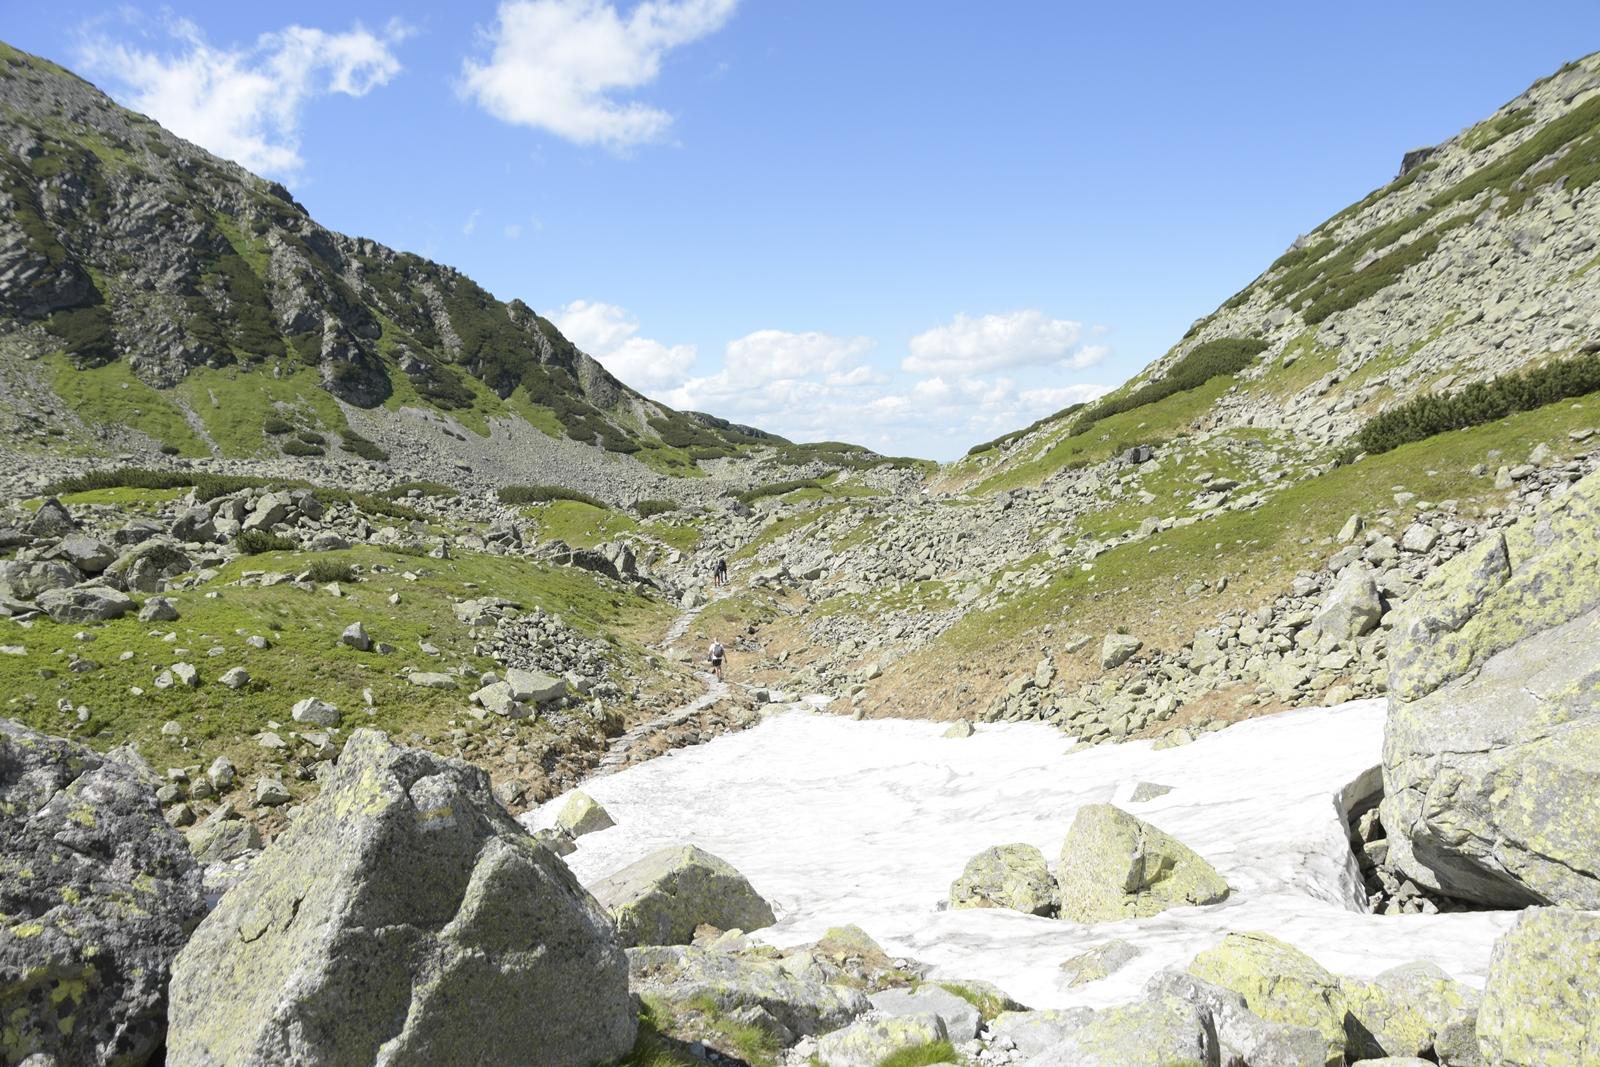 szlak od murowańca do przełęczy krzyżne